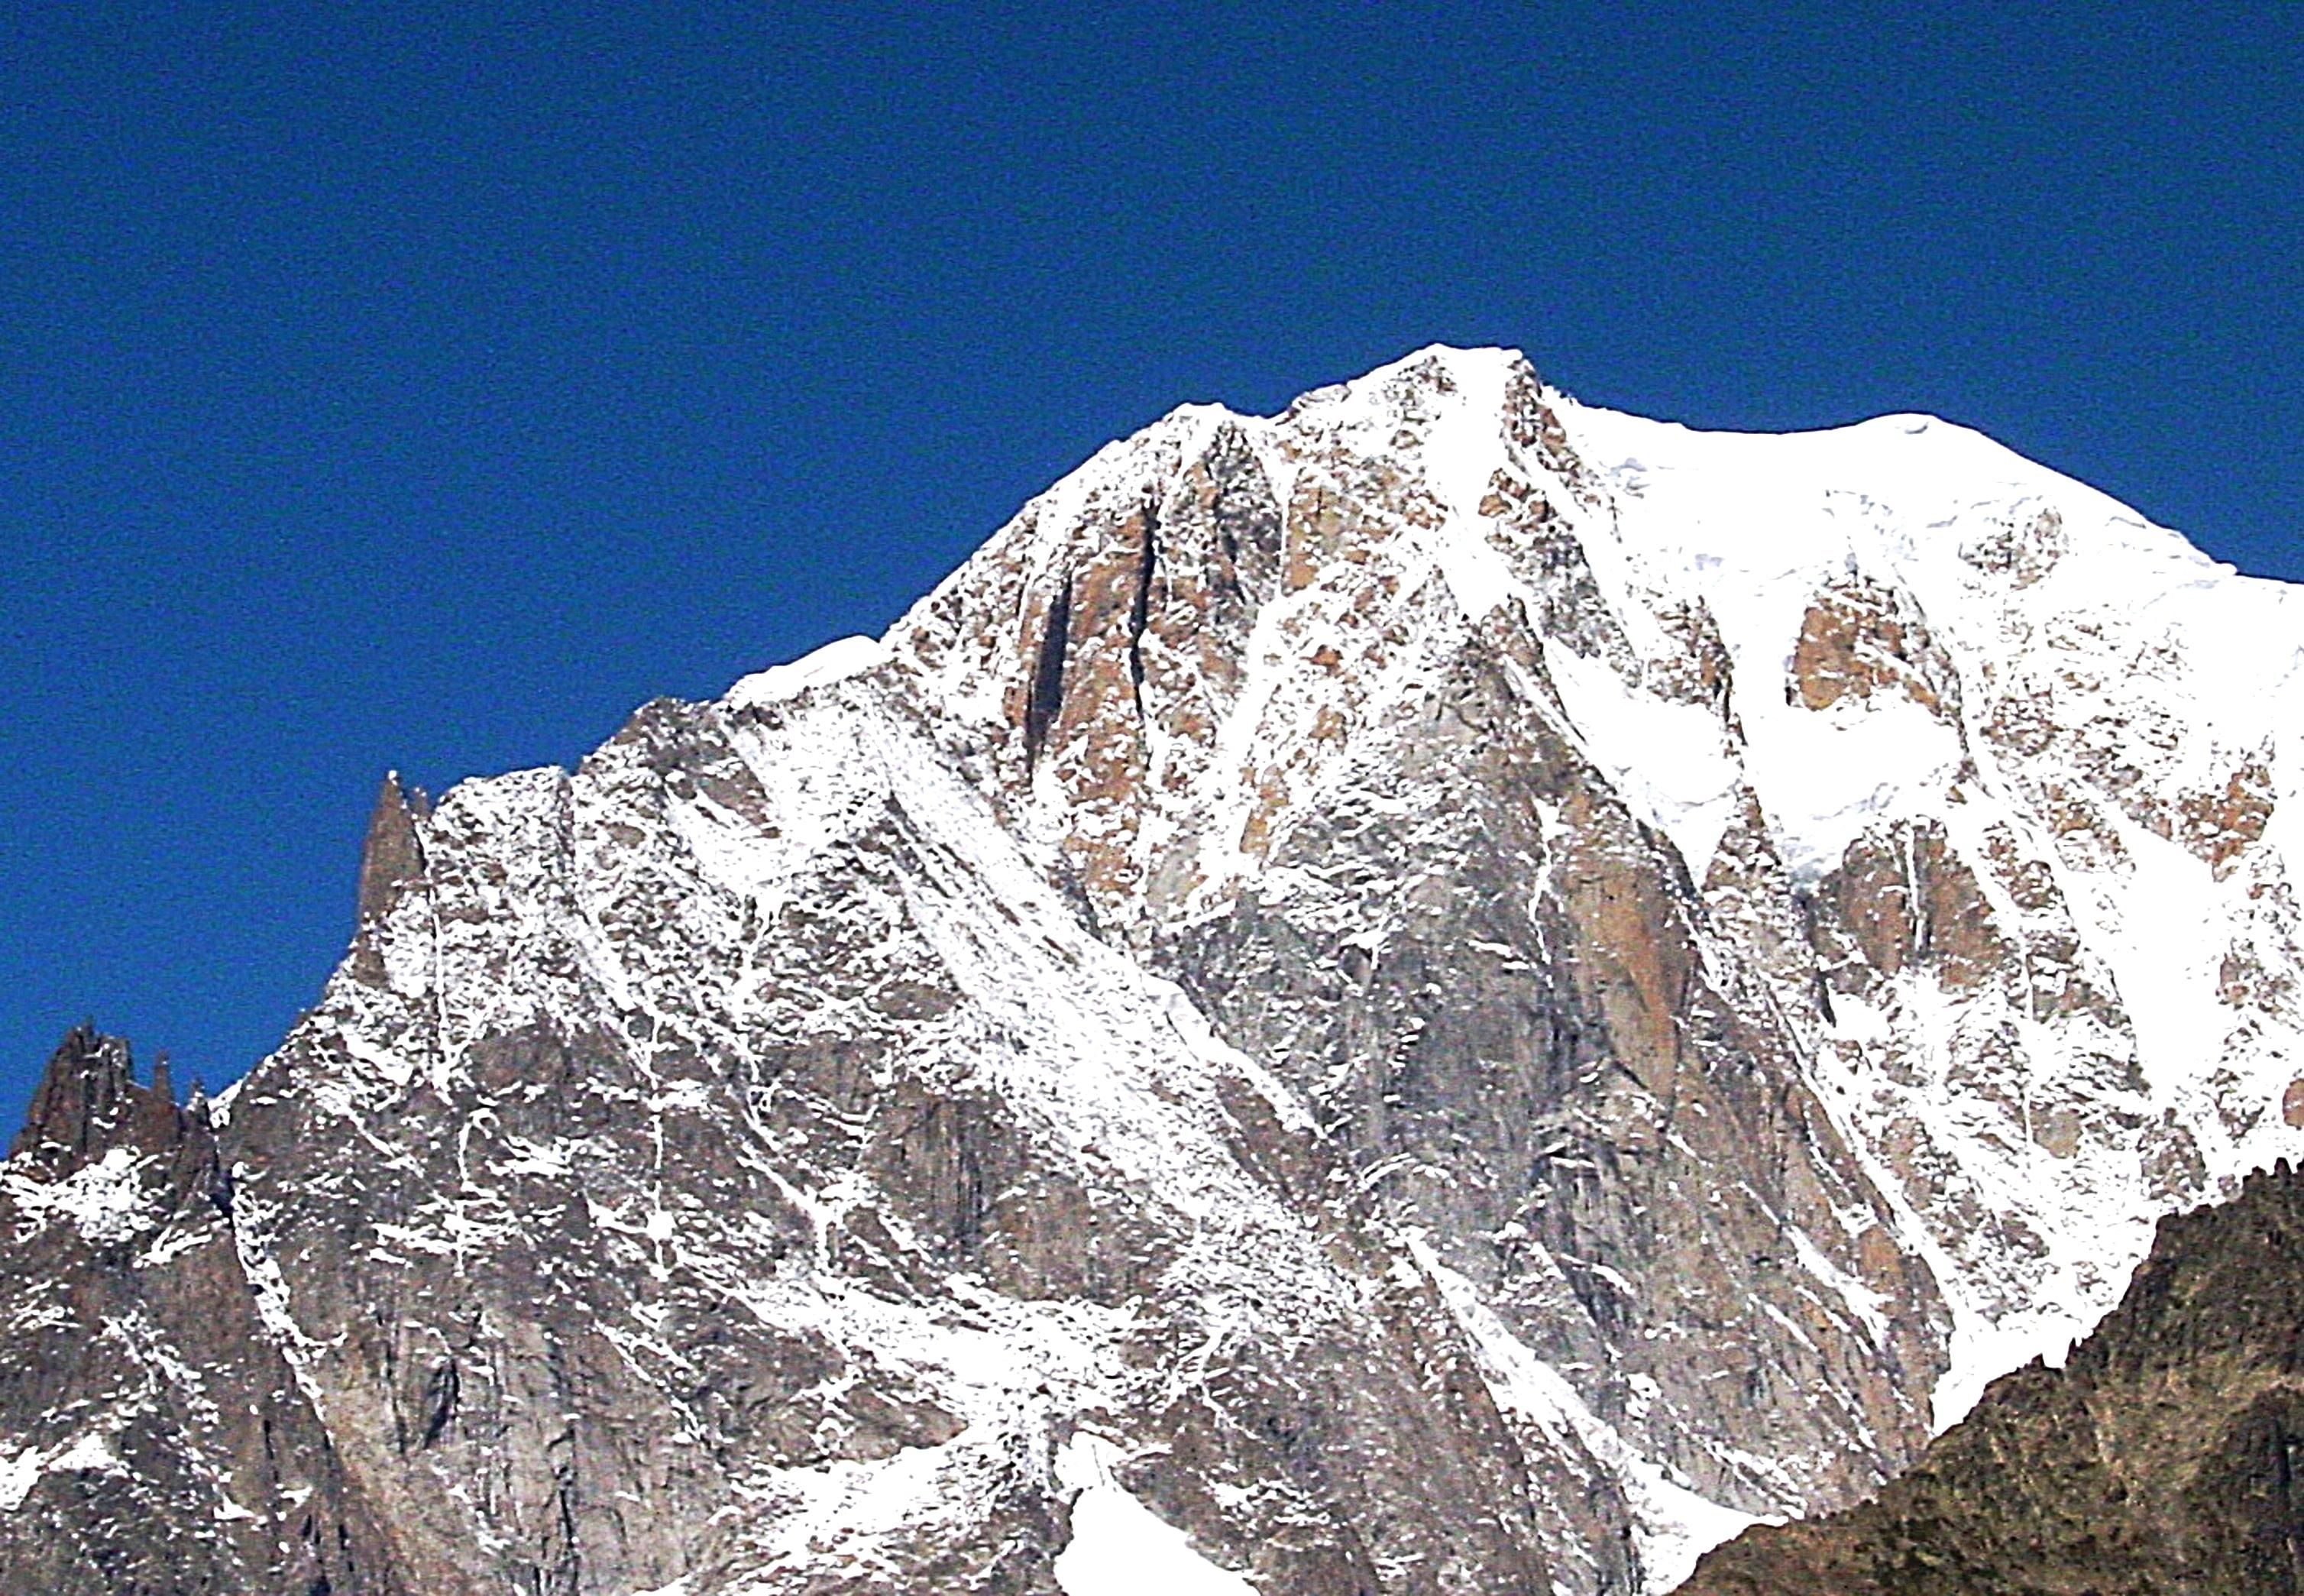 Sparisce sul Monte Bianco più di trent'anni fa, oggi la drammatica scoperta